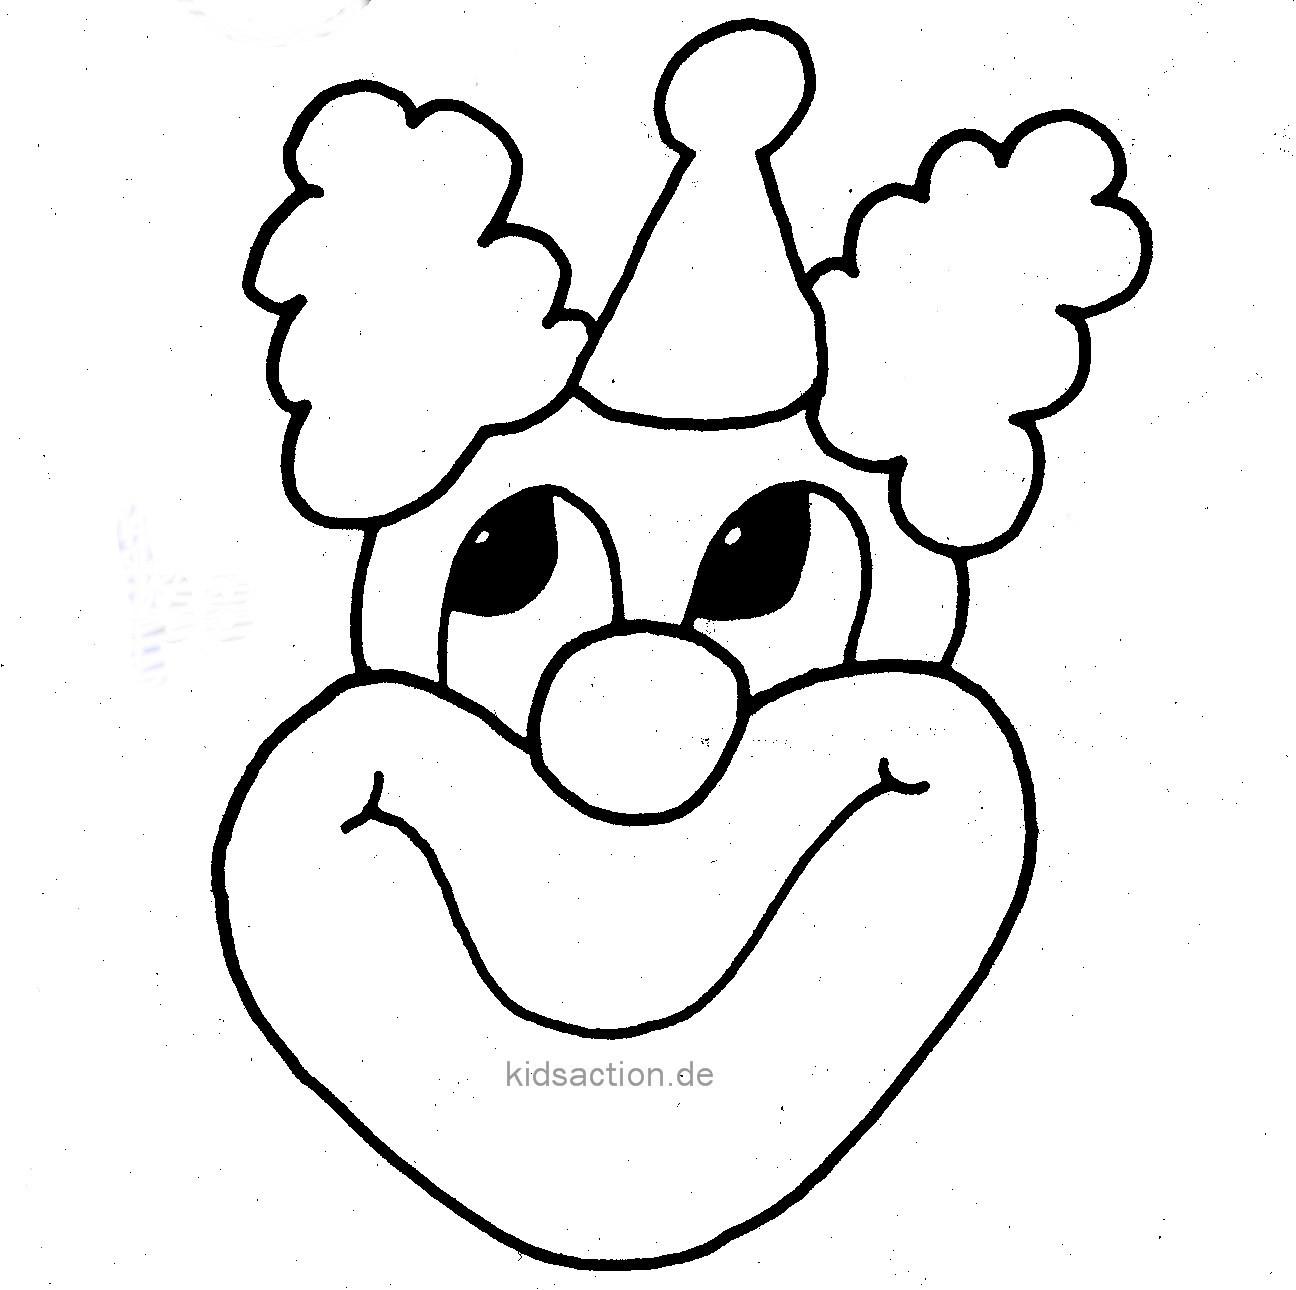 Clown Zum Ausmalen Frisch Malvorlagen Clown Inspirierend 40 Clown Ausmalbilder Ausdrucken Fotos